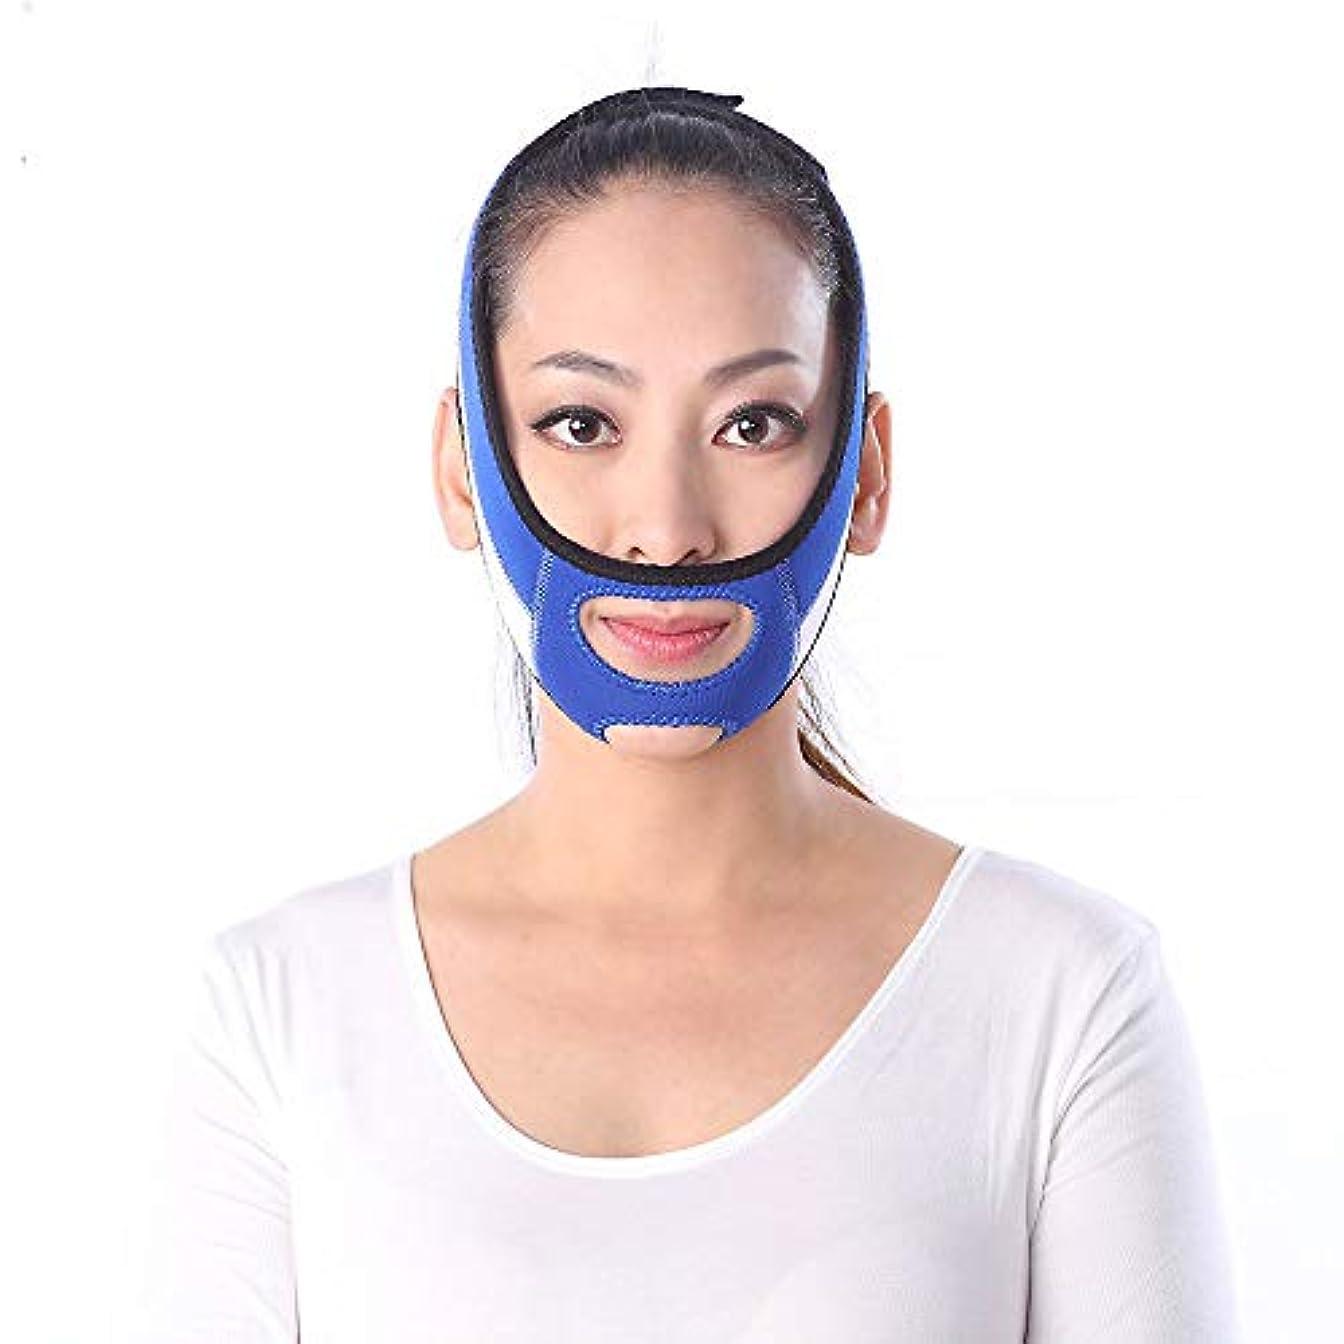 飢饉舗装するずらすフェイスリフティング包帯、リフティングダブルあご顔補正ツール/フェイスマスク/スモールVフェイスアーチファクト(青)